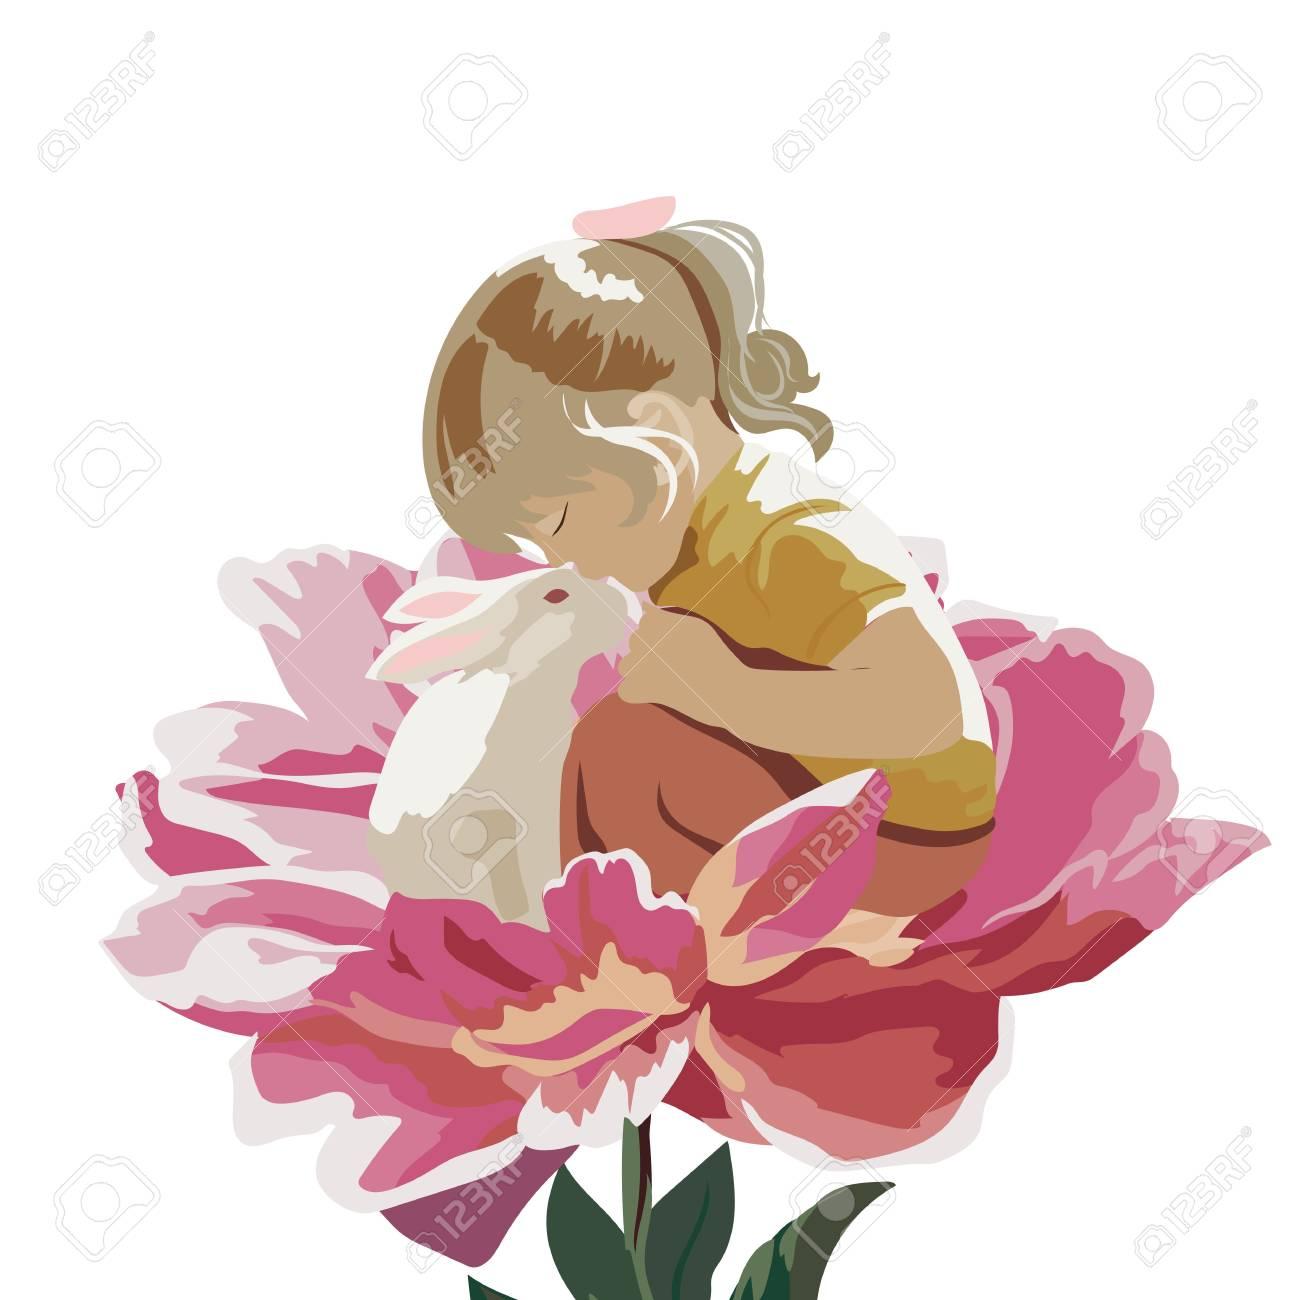 Petite Fille Jouant Avec Un Lapin Dans Un Pre D Une Fleur Vector